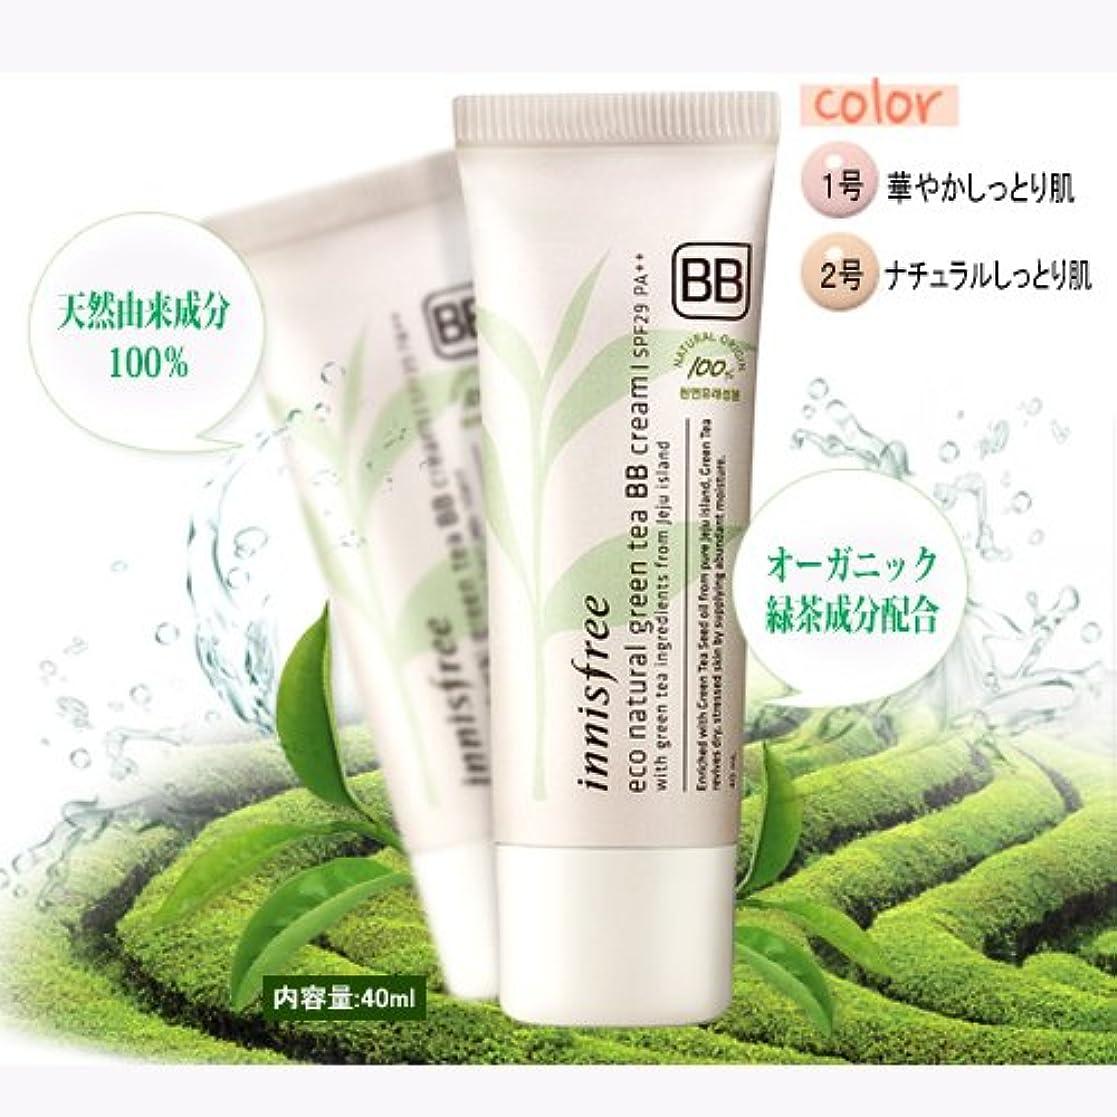 ベックスクリープ疼痛innisfree/イニスフリー Eco Natural Green Tea BB Cream #02/エコナチュラルグリーンティーBBクリームナチュラルなしっとりお肌 SPF29PA++40ml